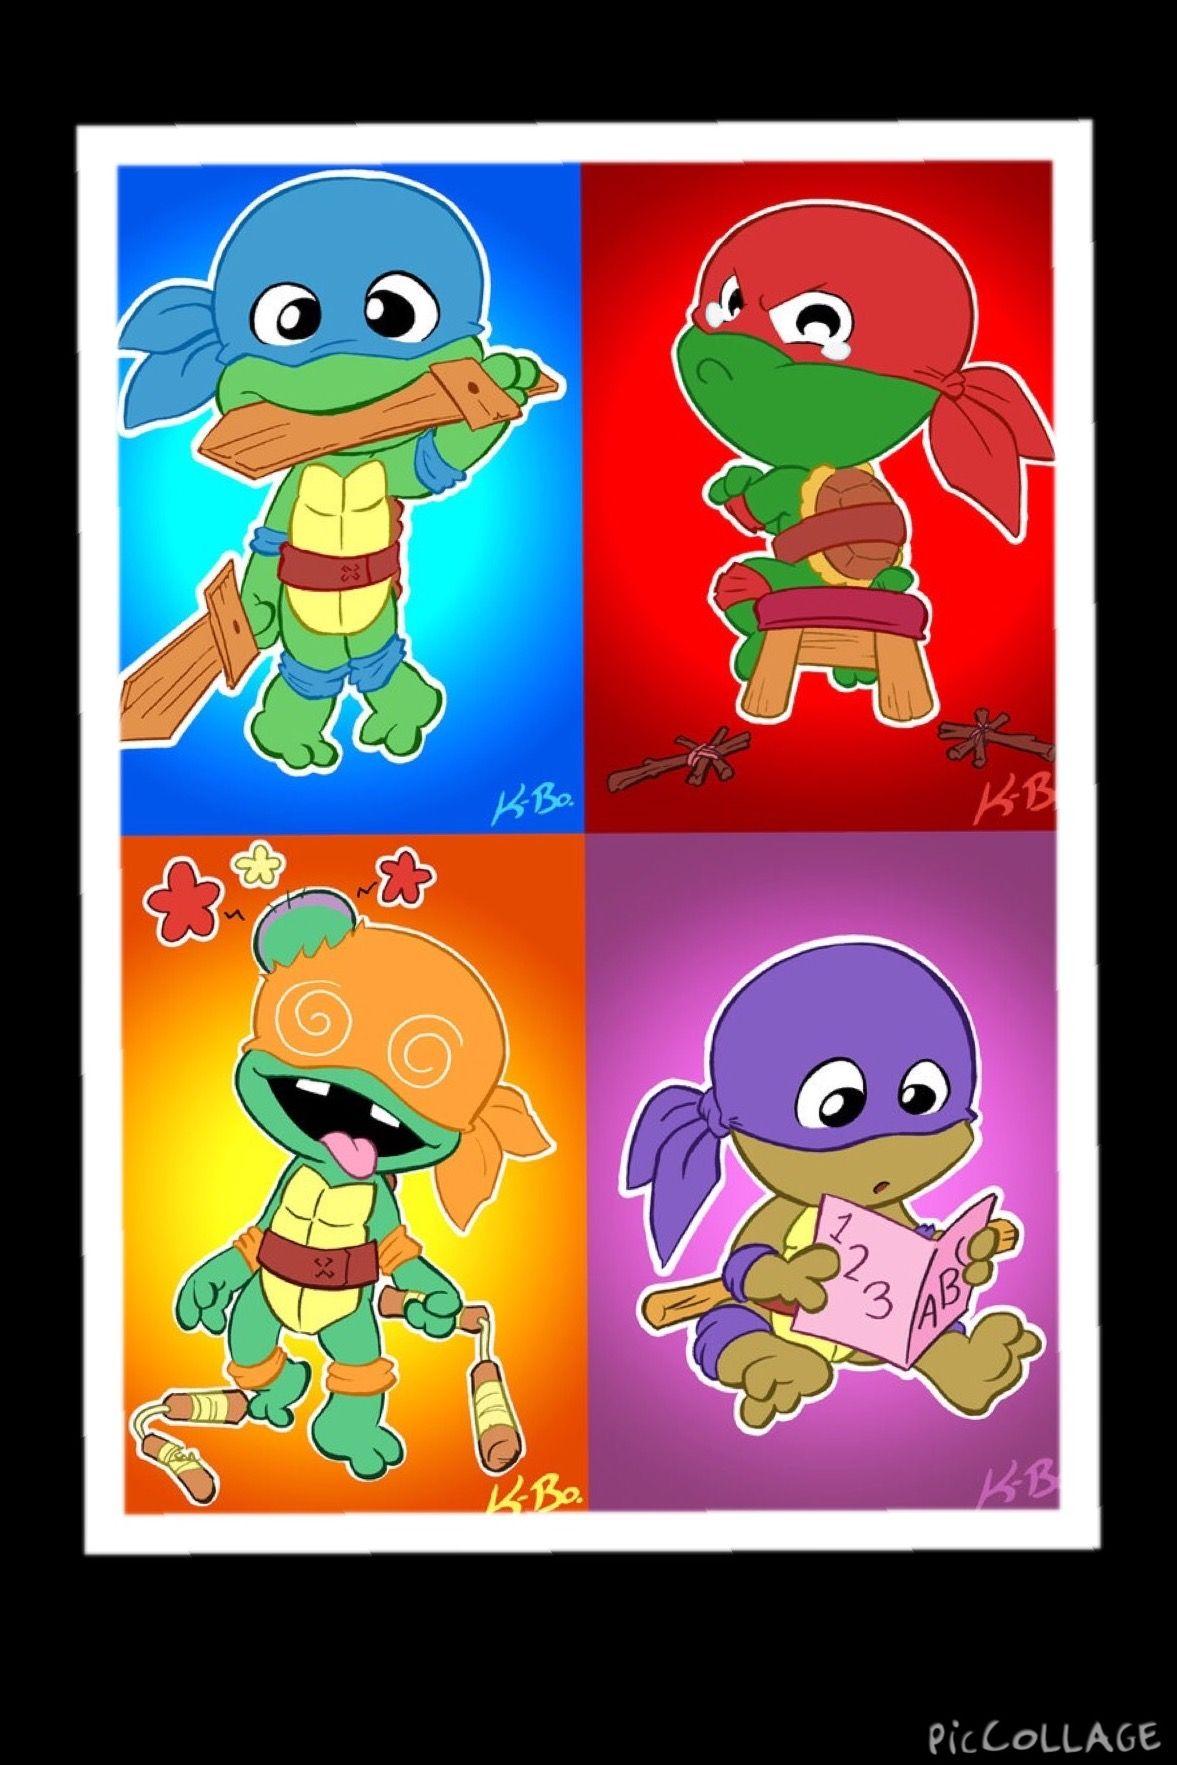 Ninja Turtle Quotes Pincynthia Delgado On Quotes  Pinterest